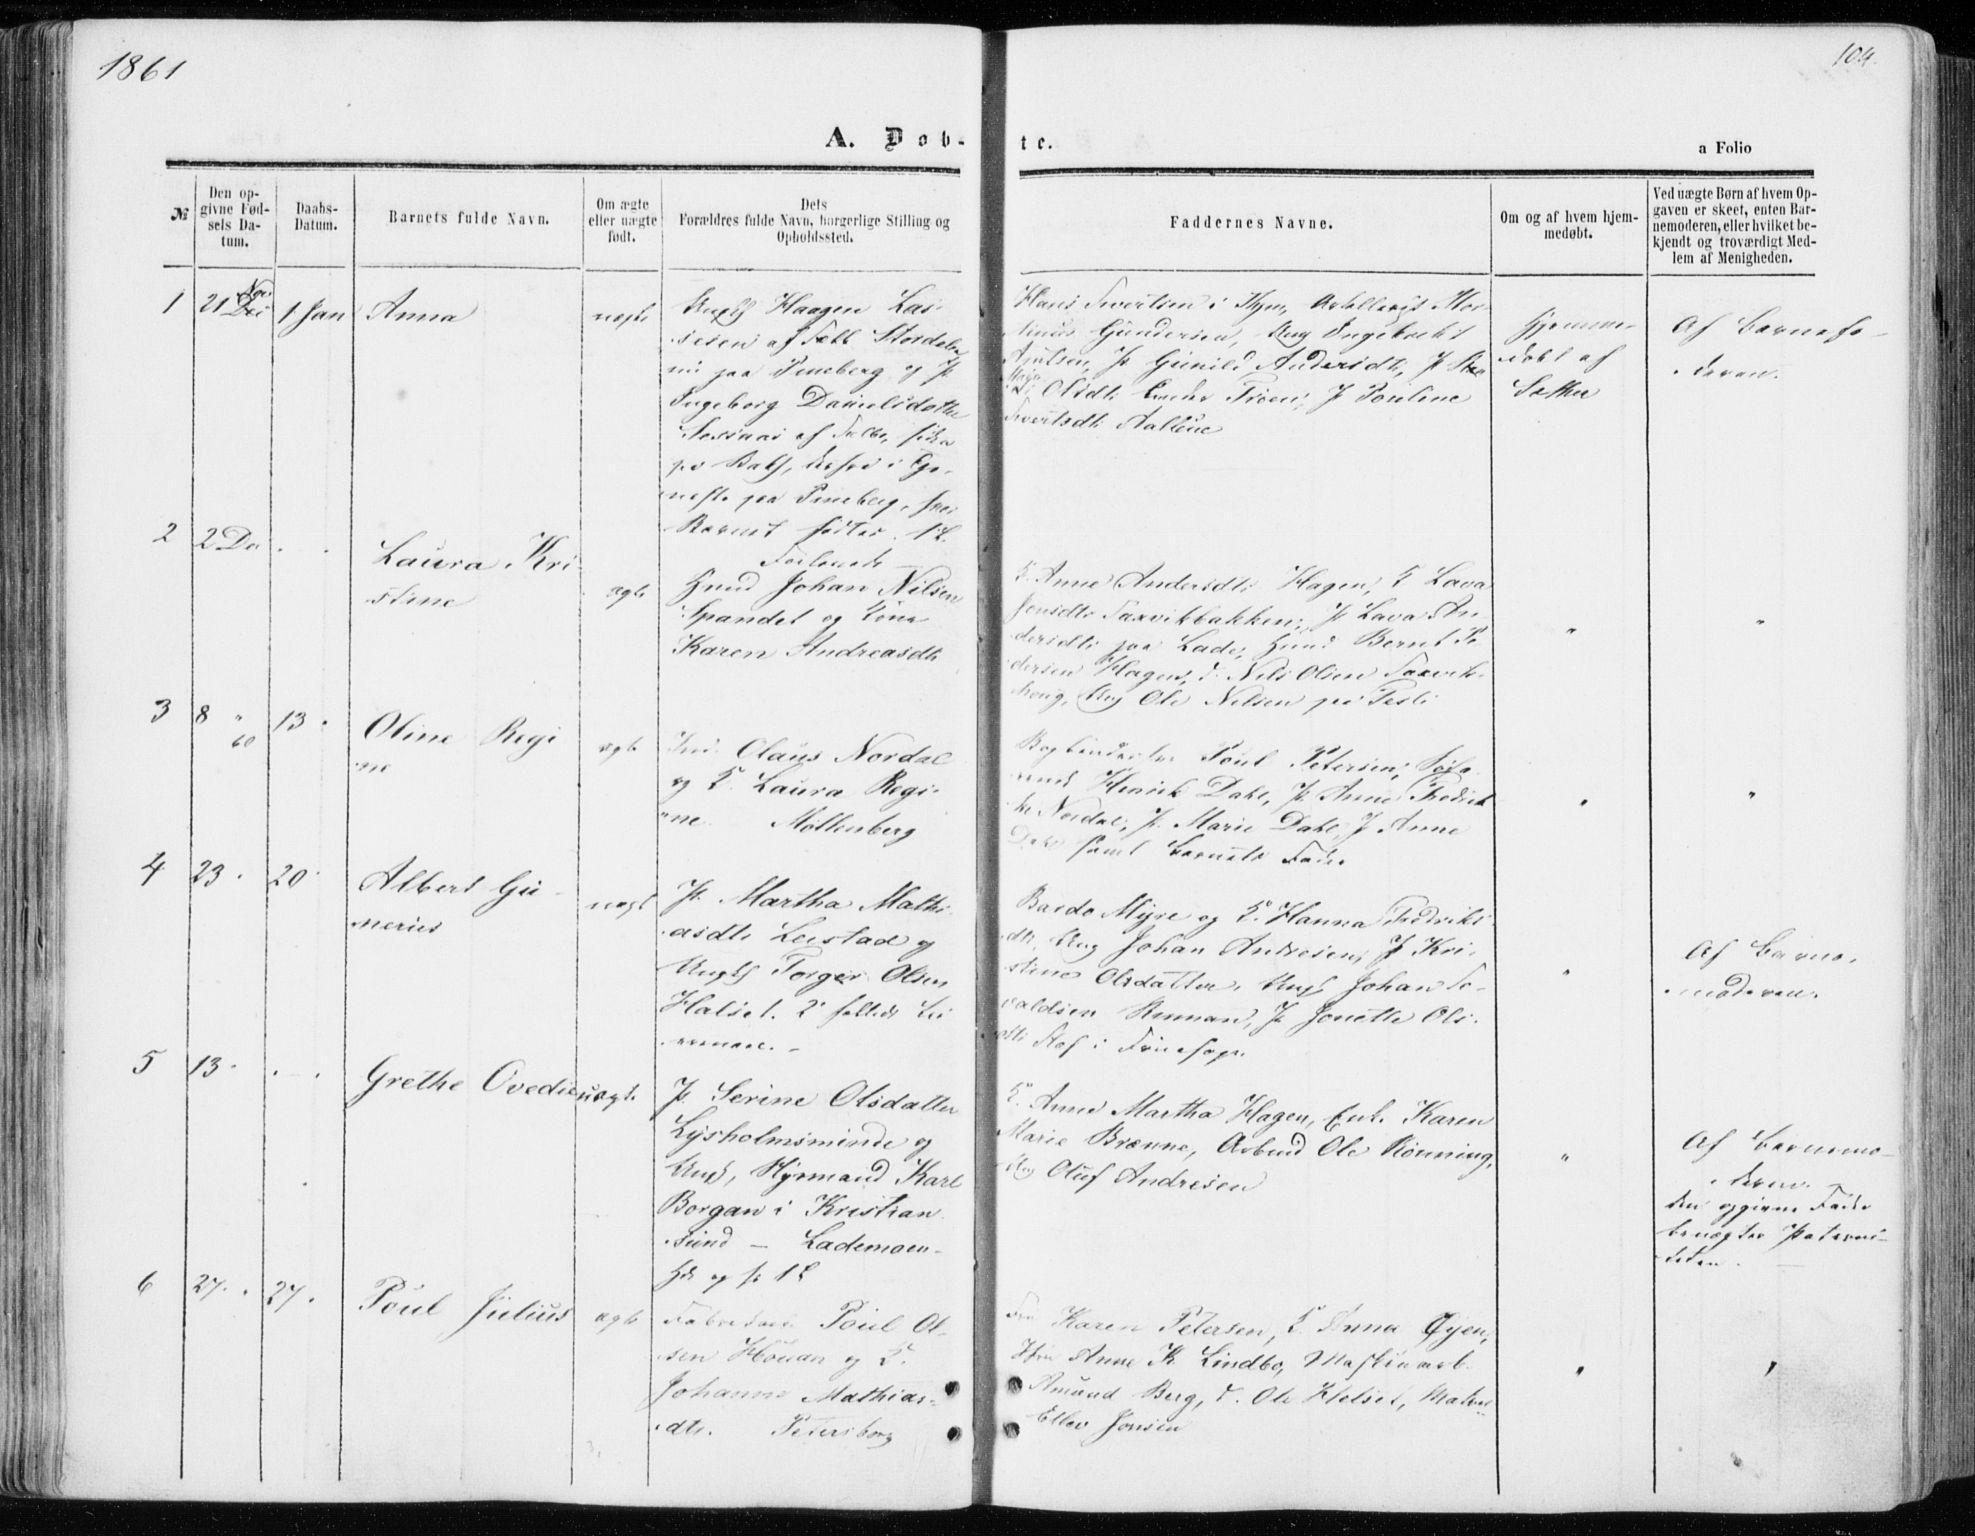 SAT, Ministerialprotokoller, klokkerbøker og fødselsregistre - Sør-Trøndelag, 606/L0292: Ministerialbok nr. 606A07, 1856-1865, s. 104